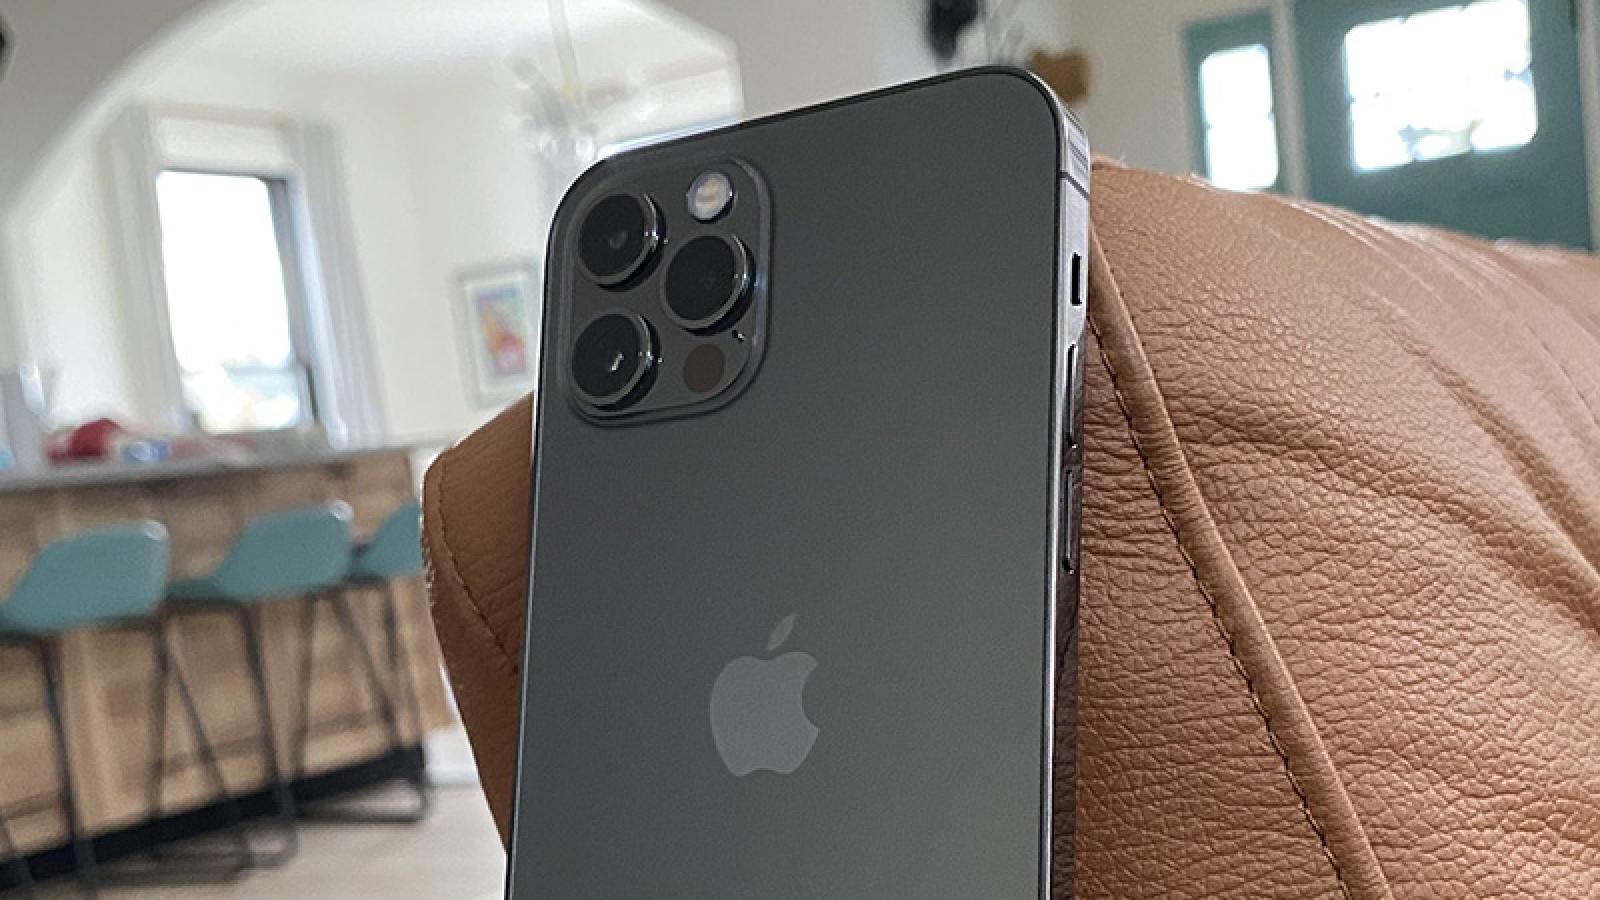 Giá đắt đỏ, iPhone 12 Pro vẫn chưa phải là chụp ảnh đẹp nhất